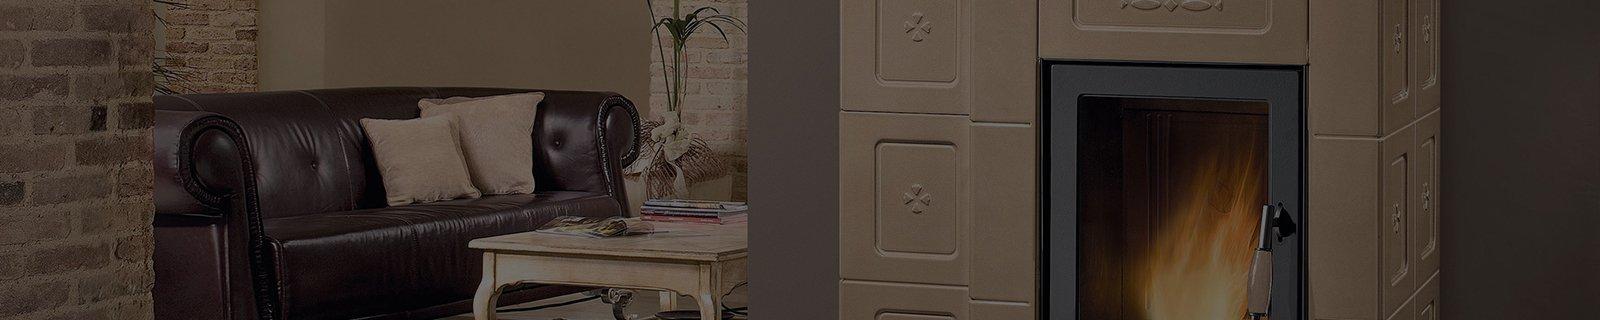 Облицовка каминов в стиле кантри купить по ценам производителя - Kaminoff™